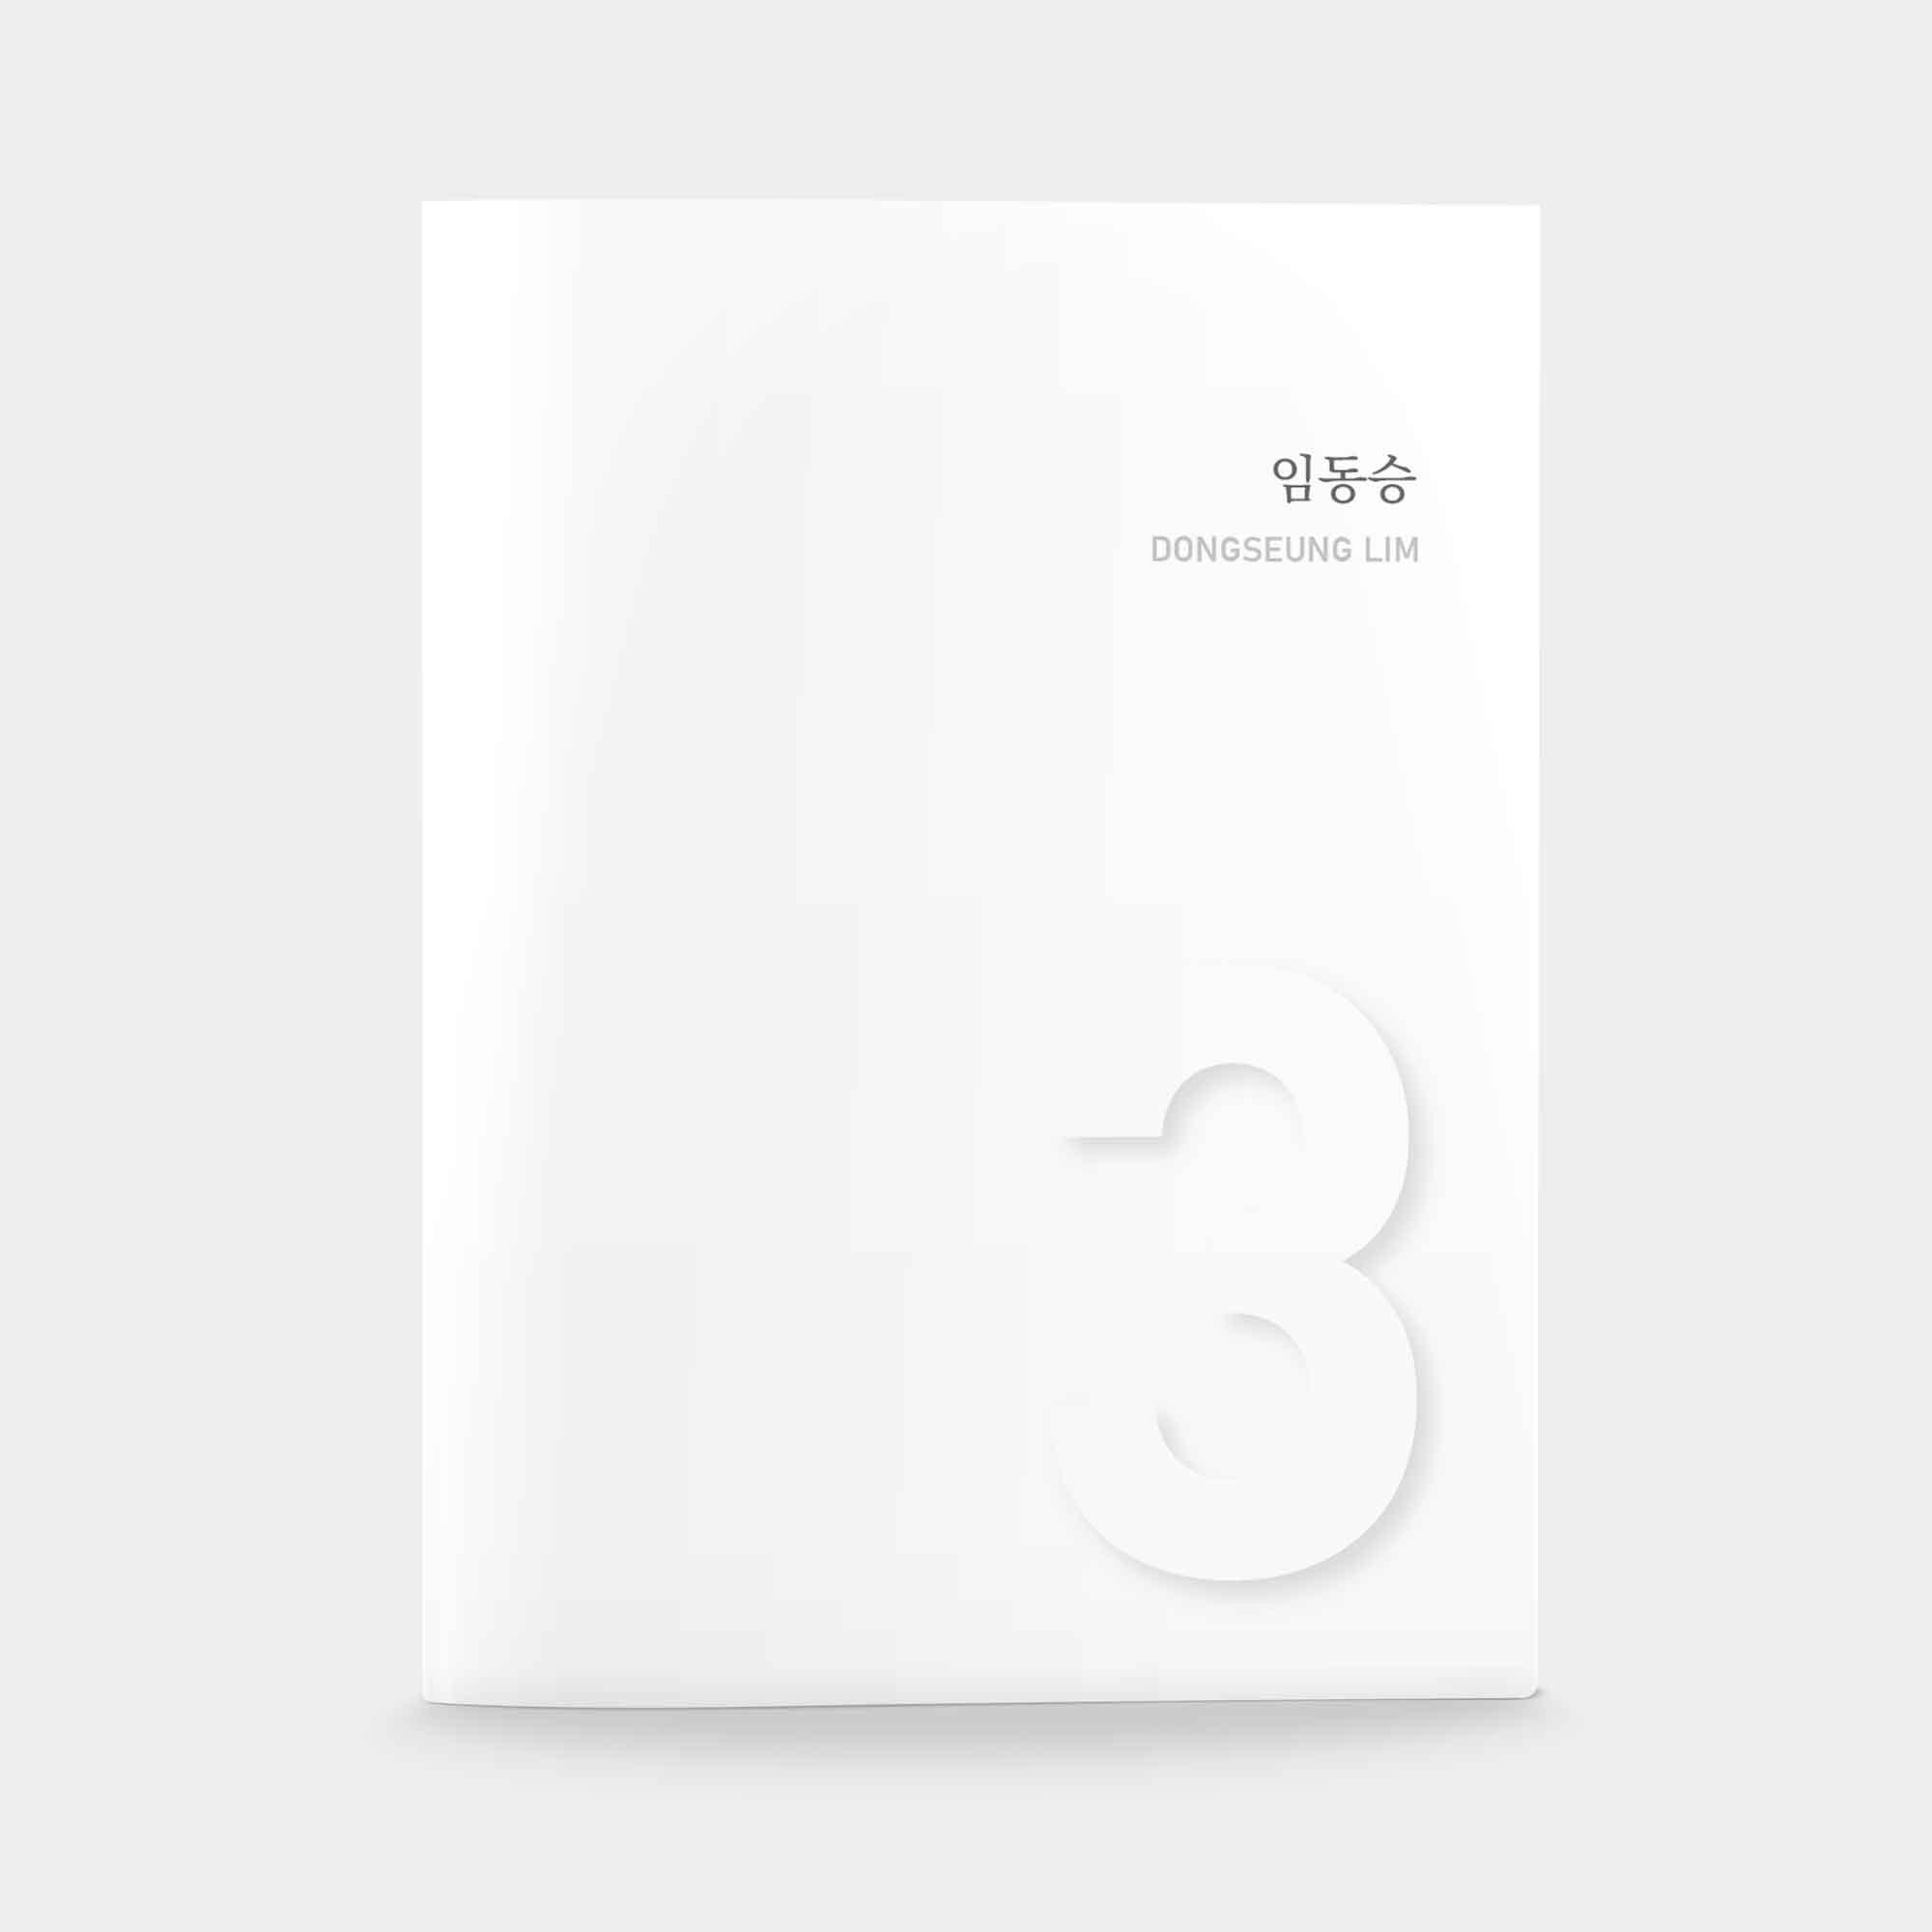 임동승, 아트스페이스3, 헥사곤 출판